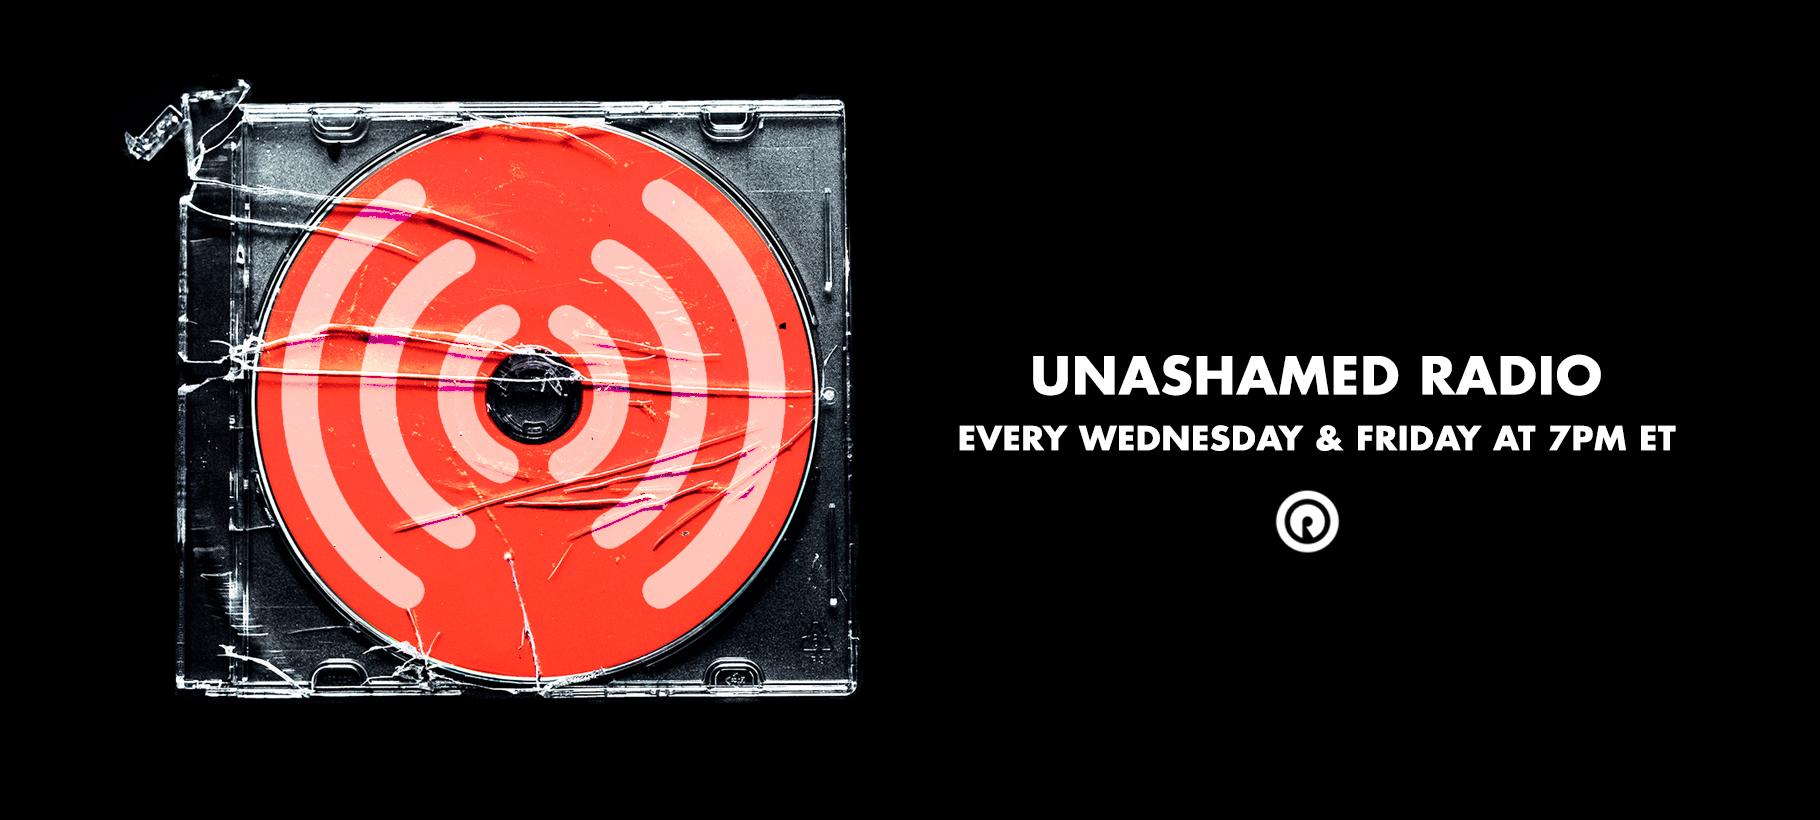 Introducing: Unashamed Radio